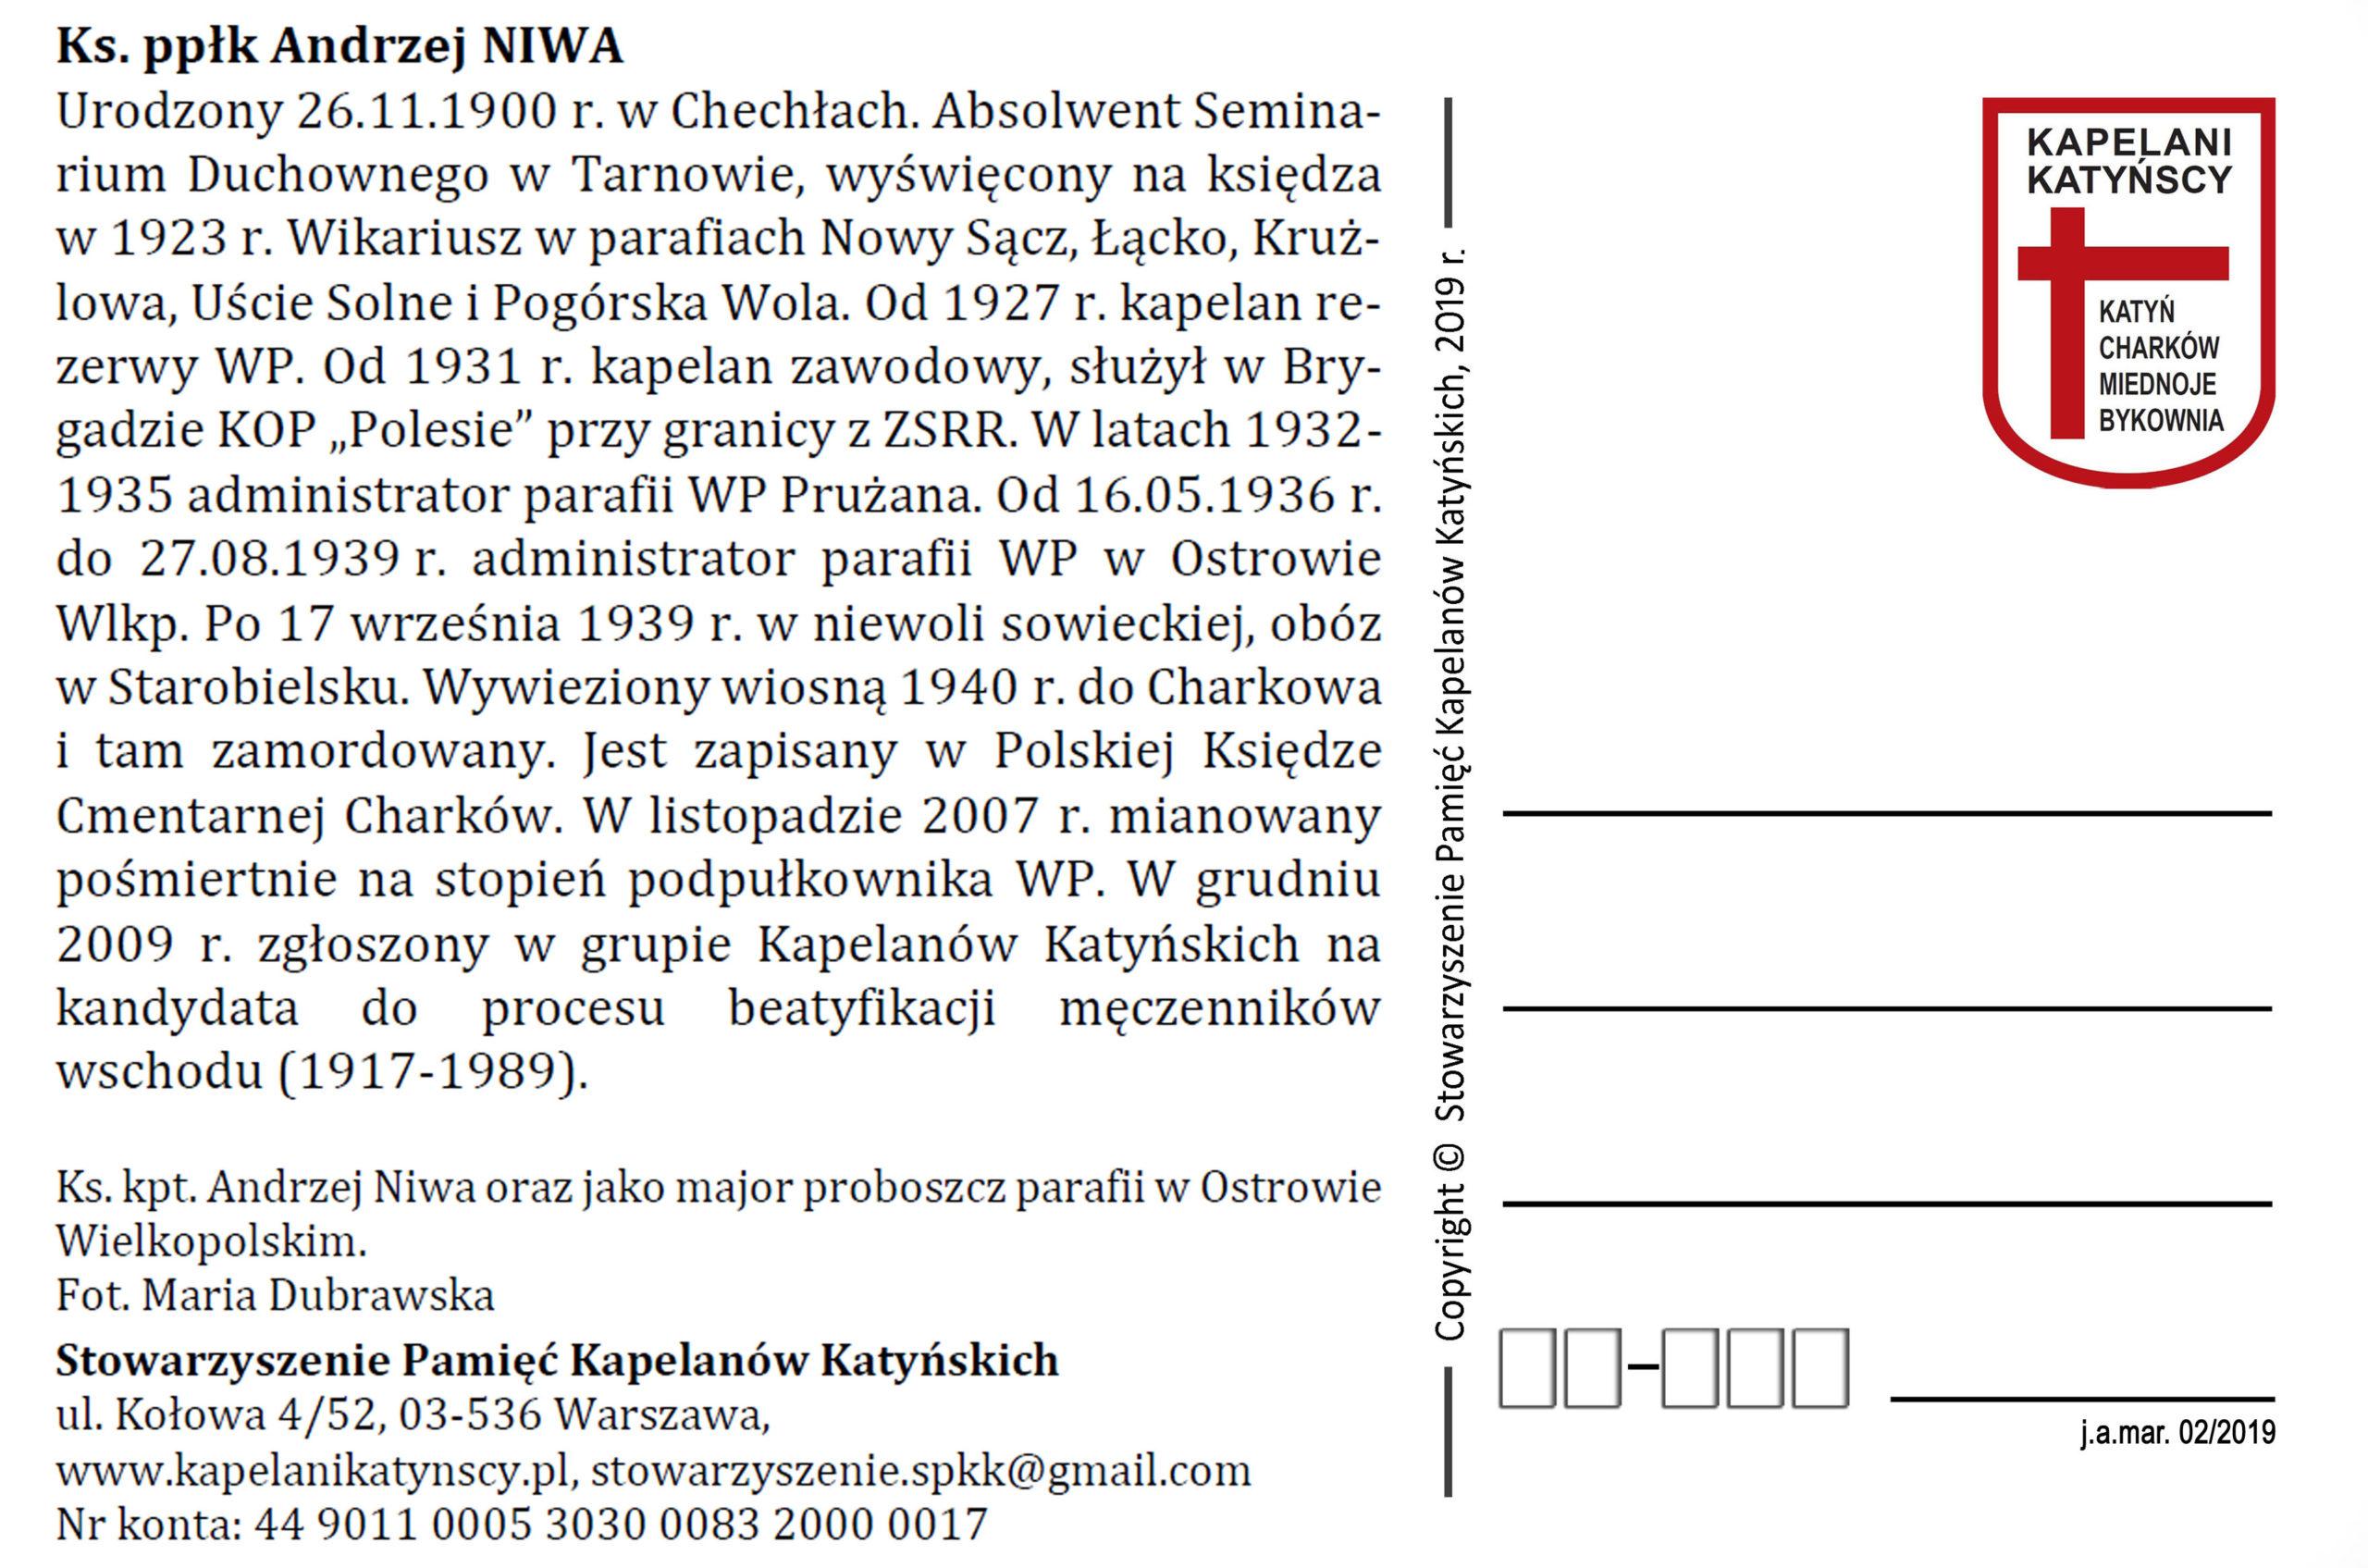 Niwa rewers